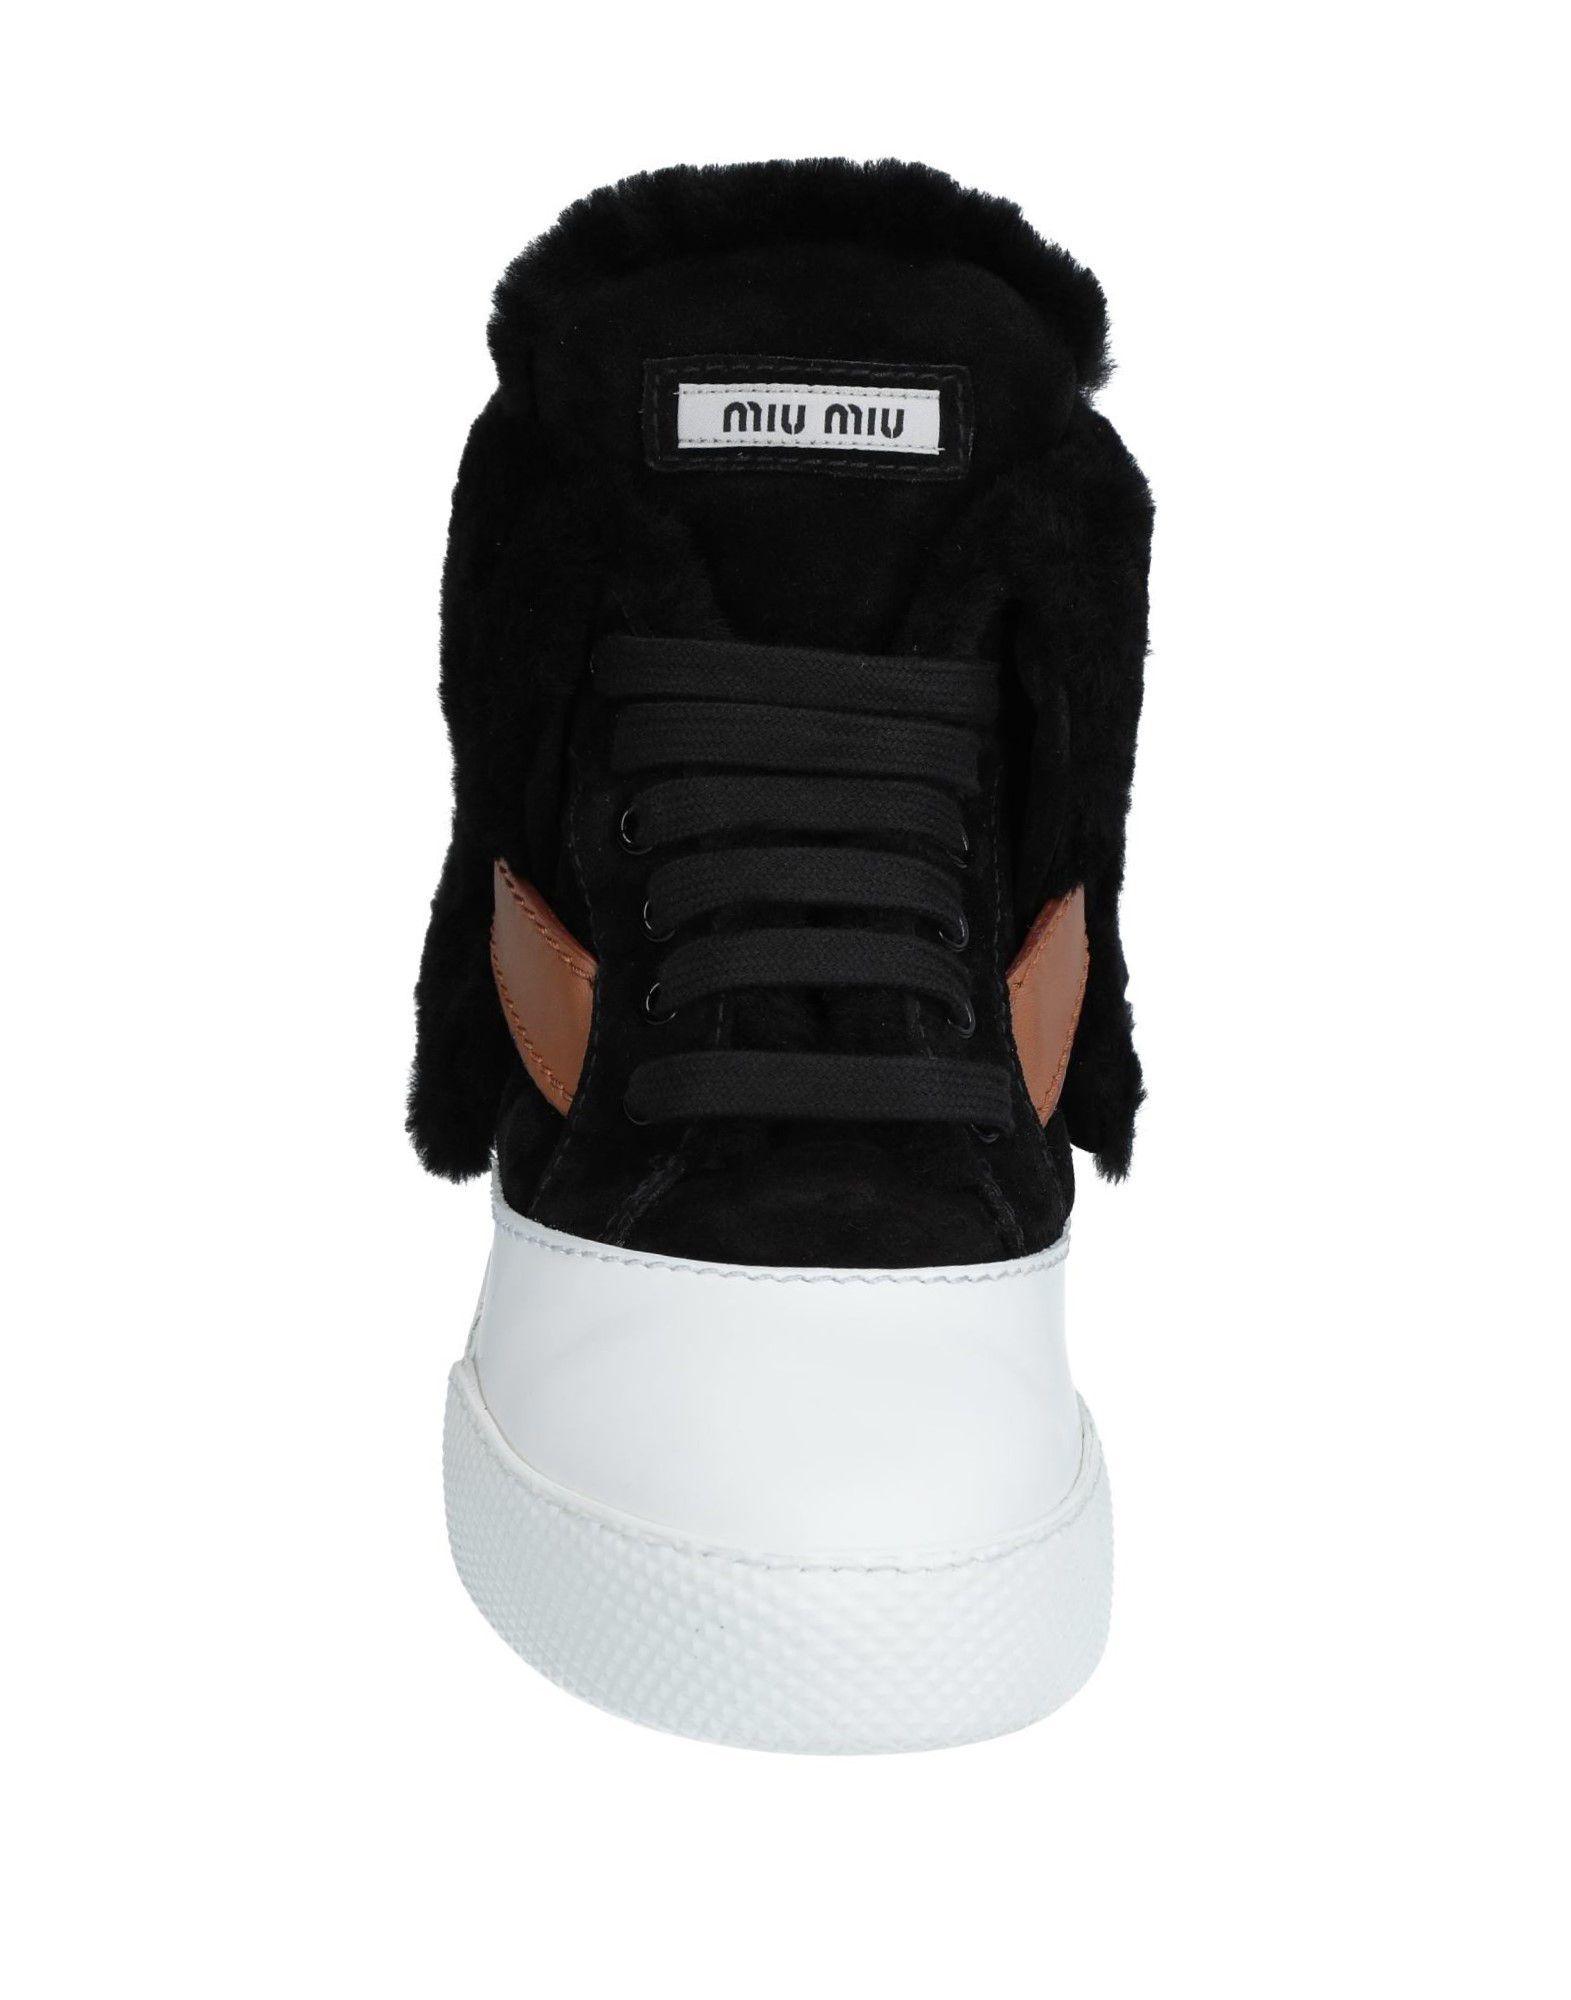 Miu Miu Sneakers Damen Schuhe  11540420PNGünstige gut aussehende Schuhe Damen 74c763